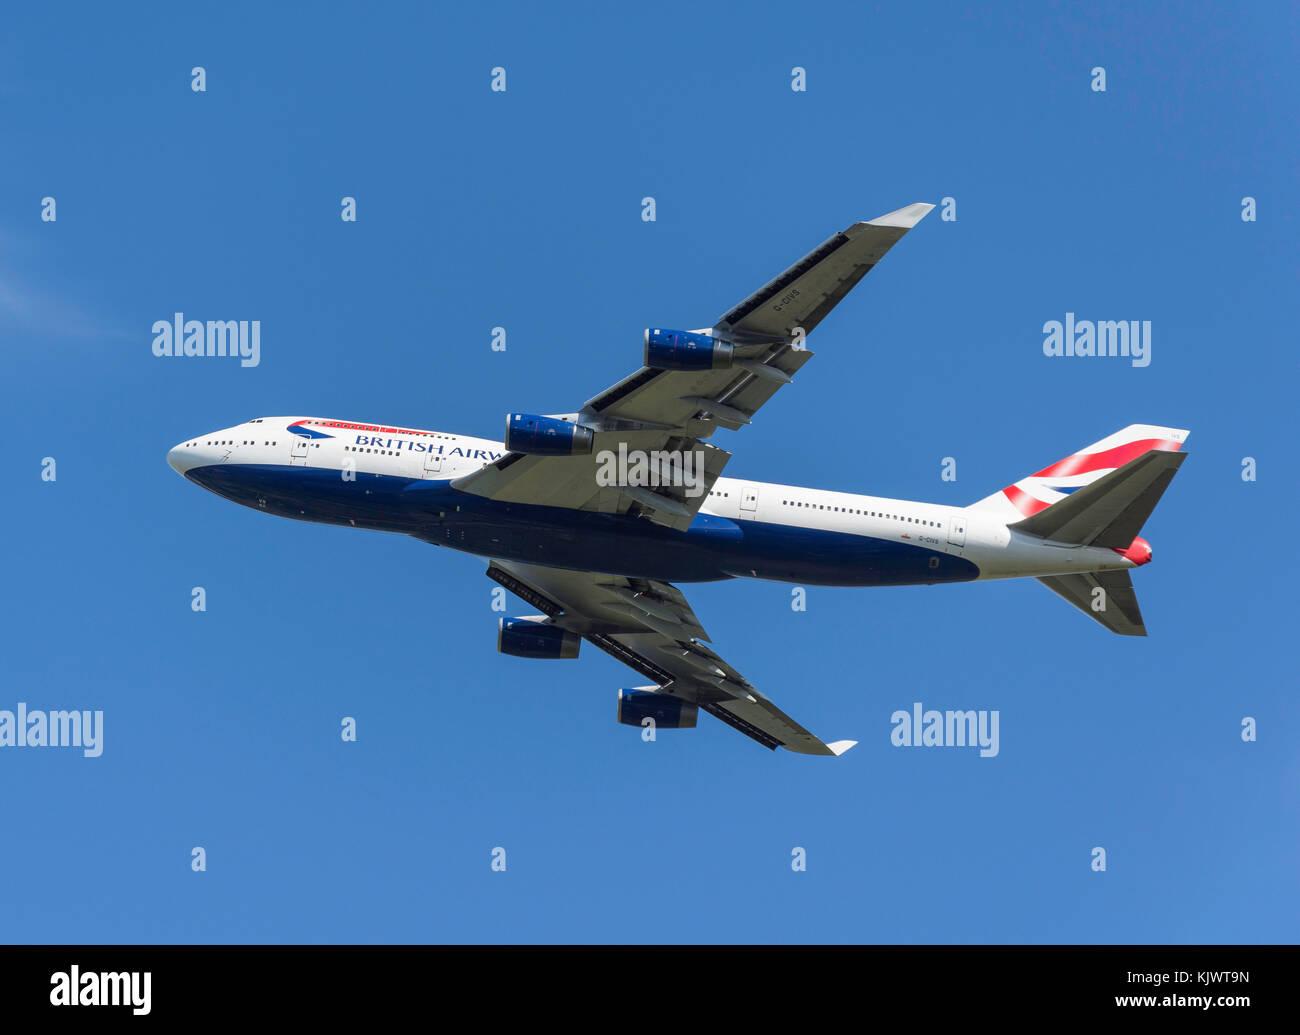 British Airways Boeing 747-436 despegando desde el aeropuerto de Heathrow, Greater London, England, Reino Unido Imagen De Stock